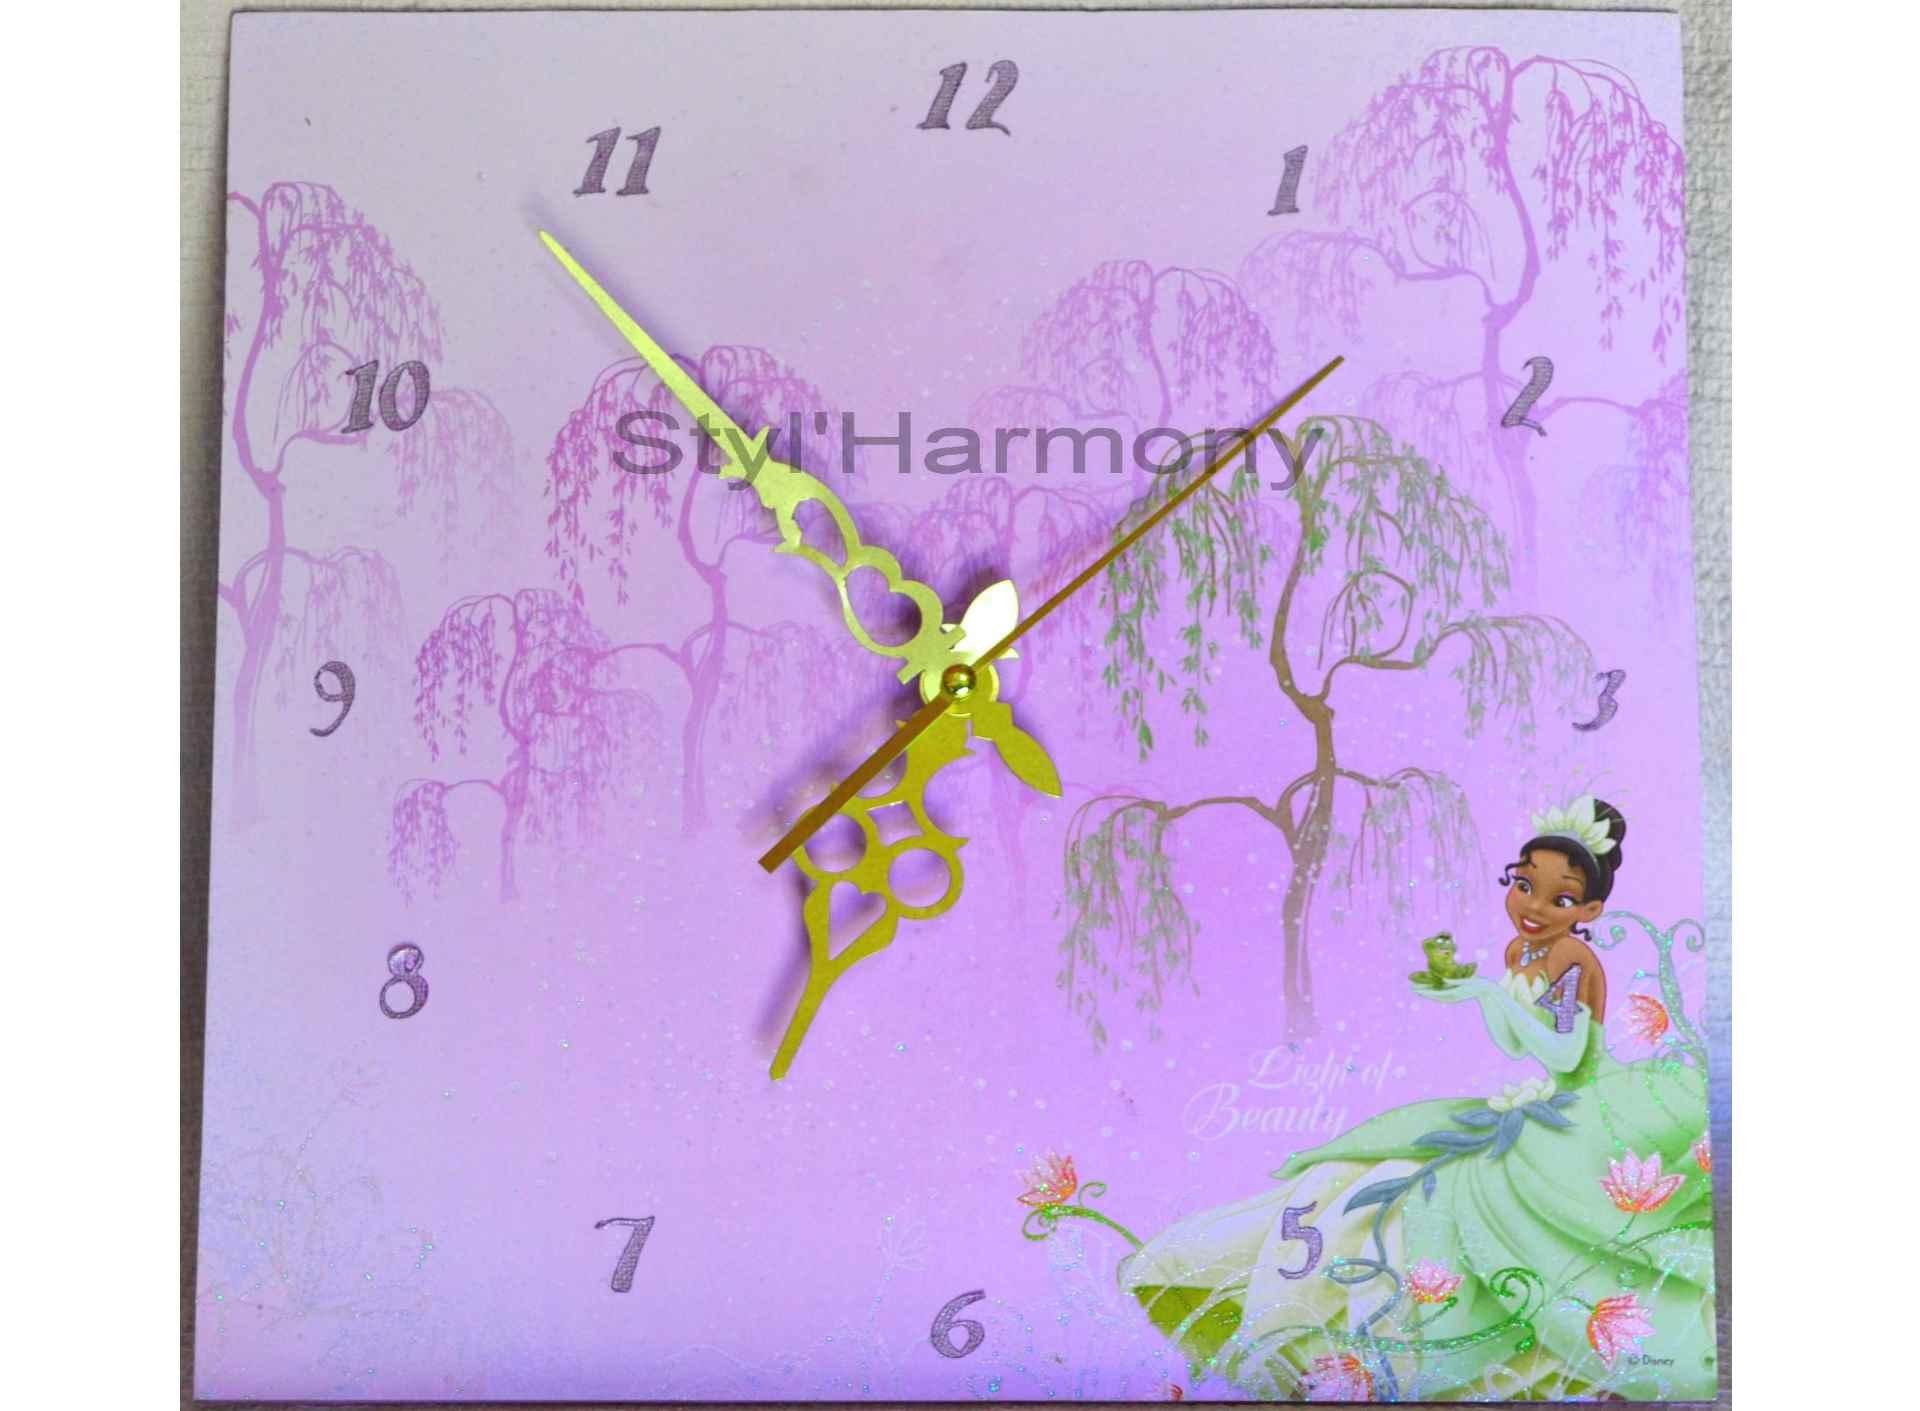 Une horloge de contes de fées pour chambre d'enfant. 1